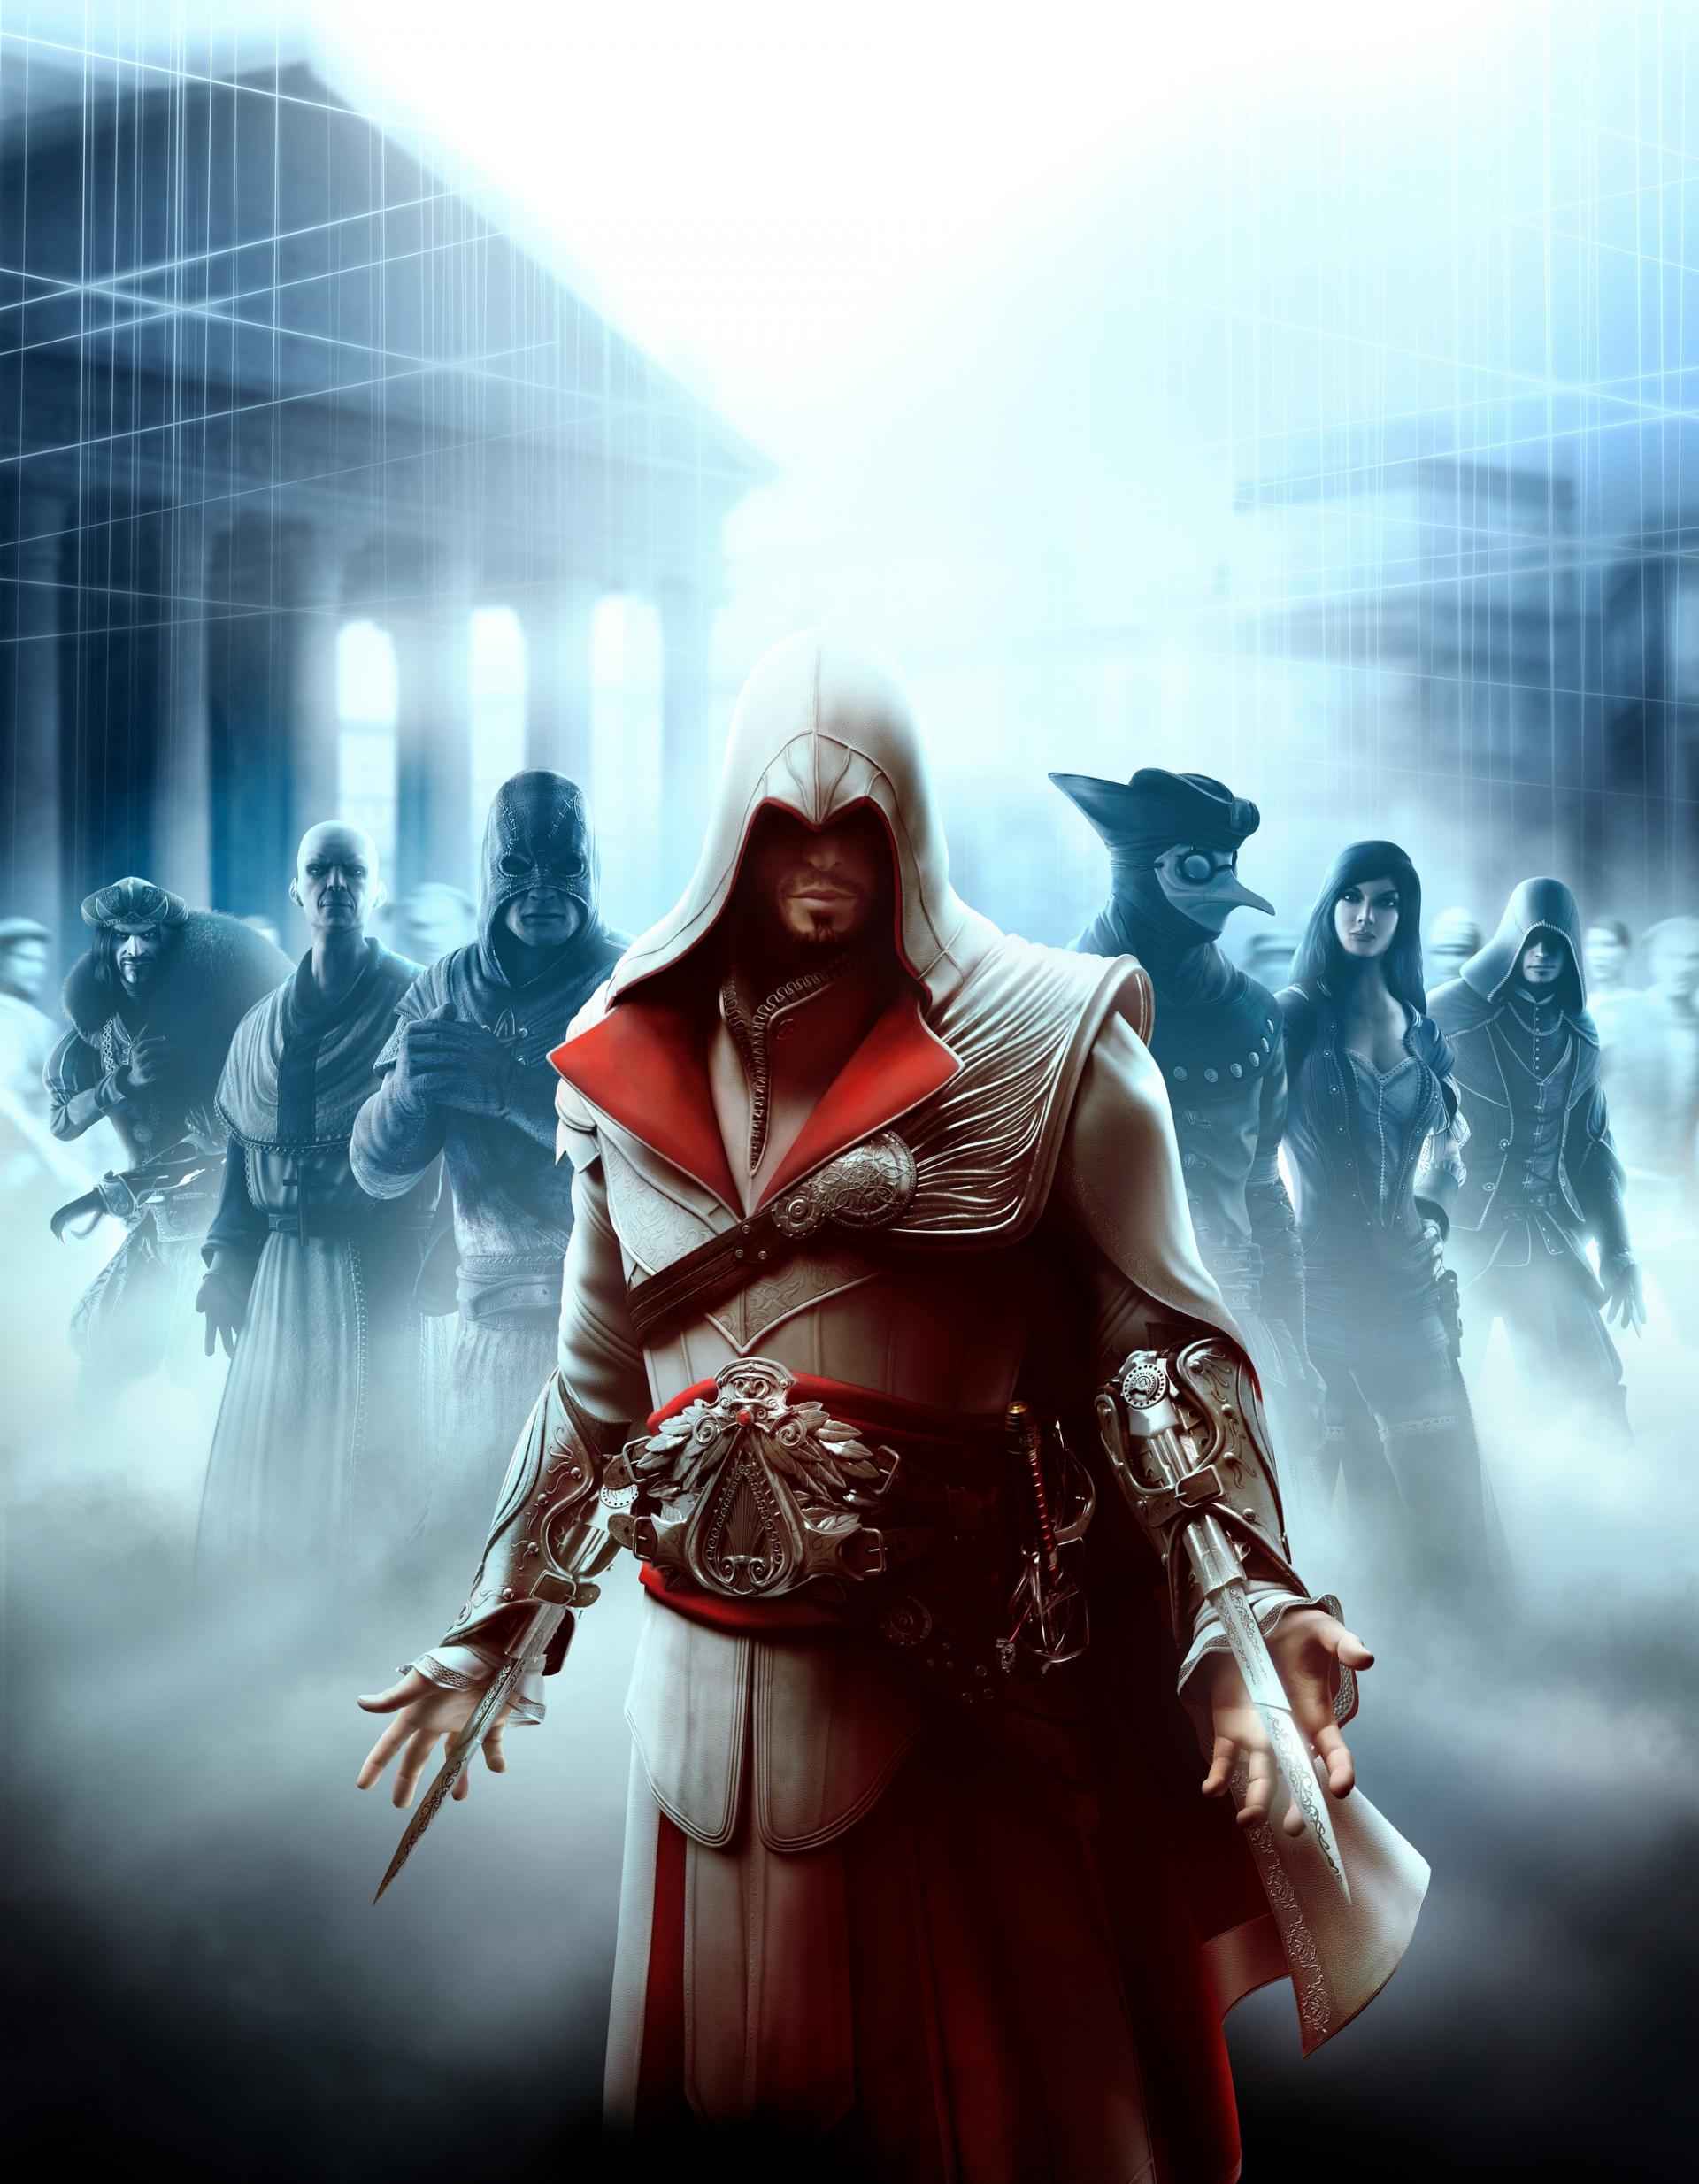 Арт к игре Assassin's Creed: Brotherhood